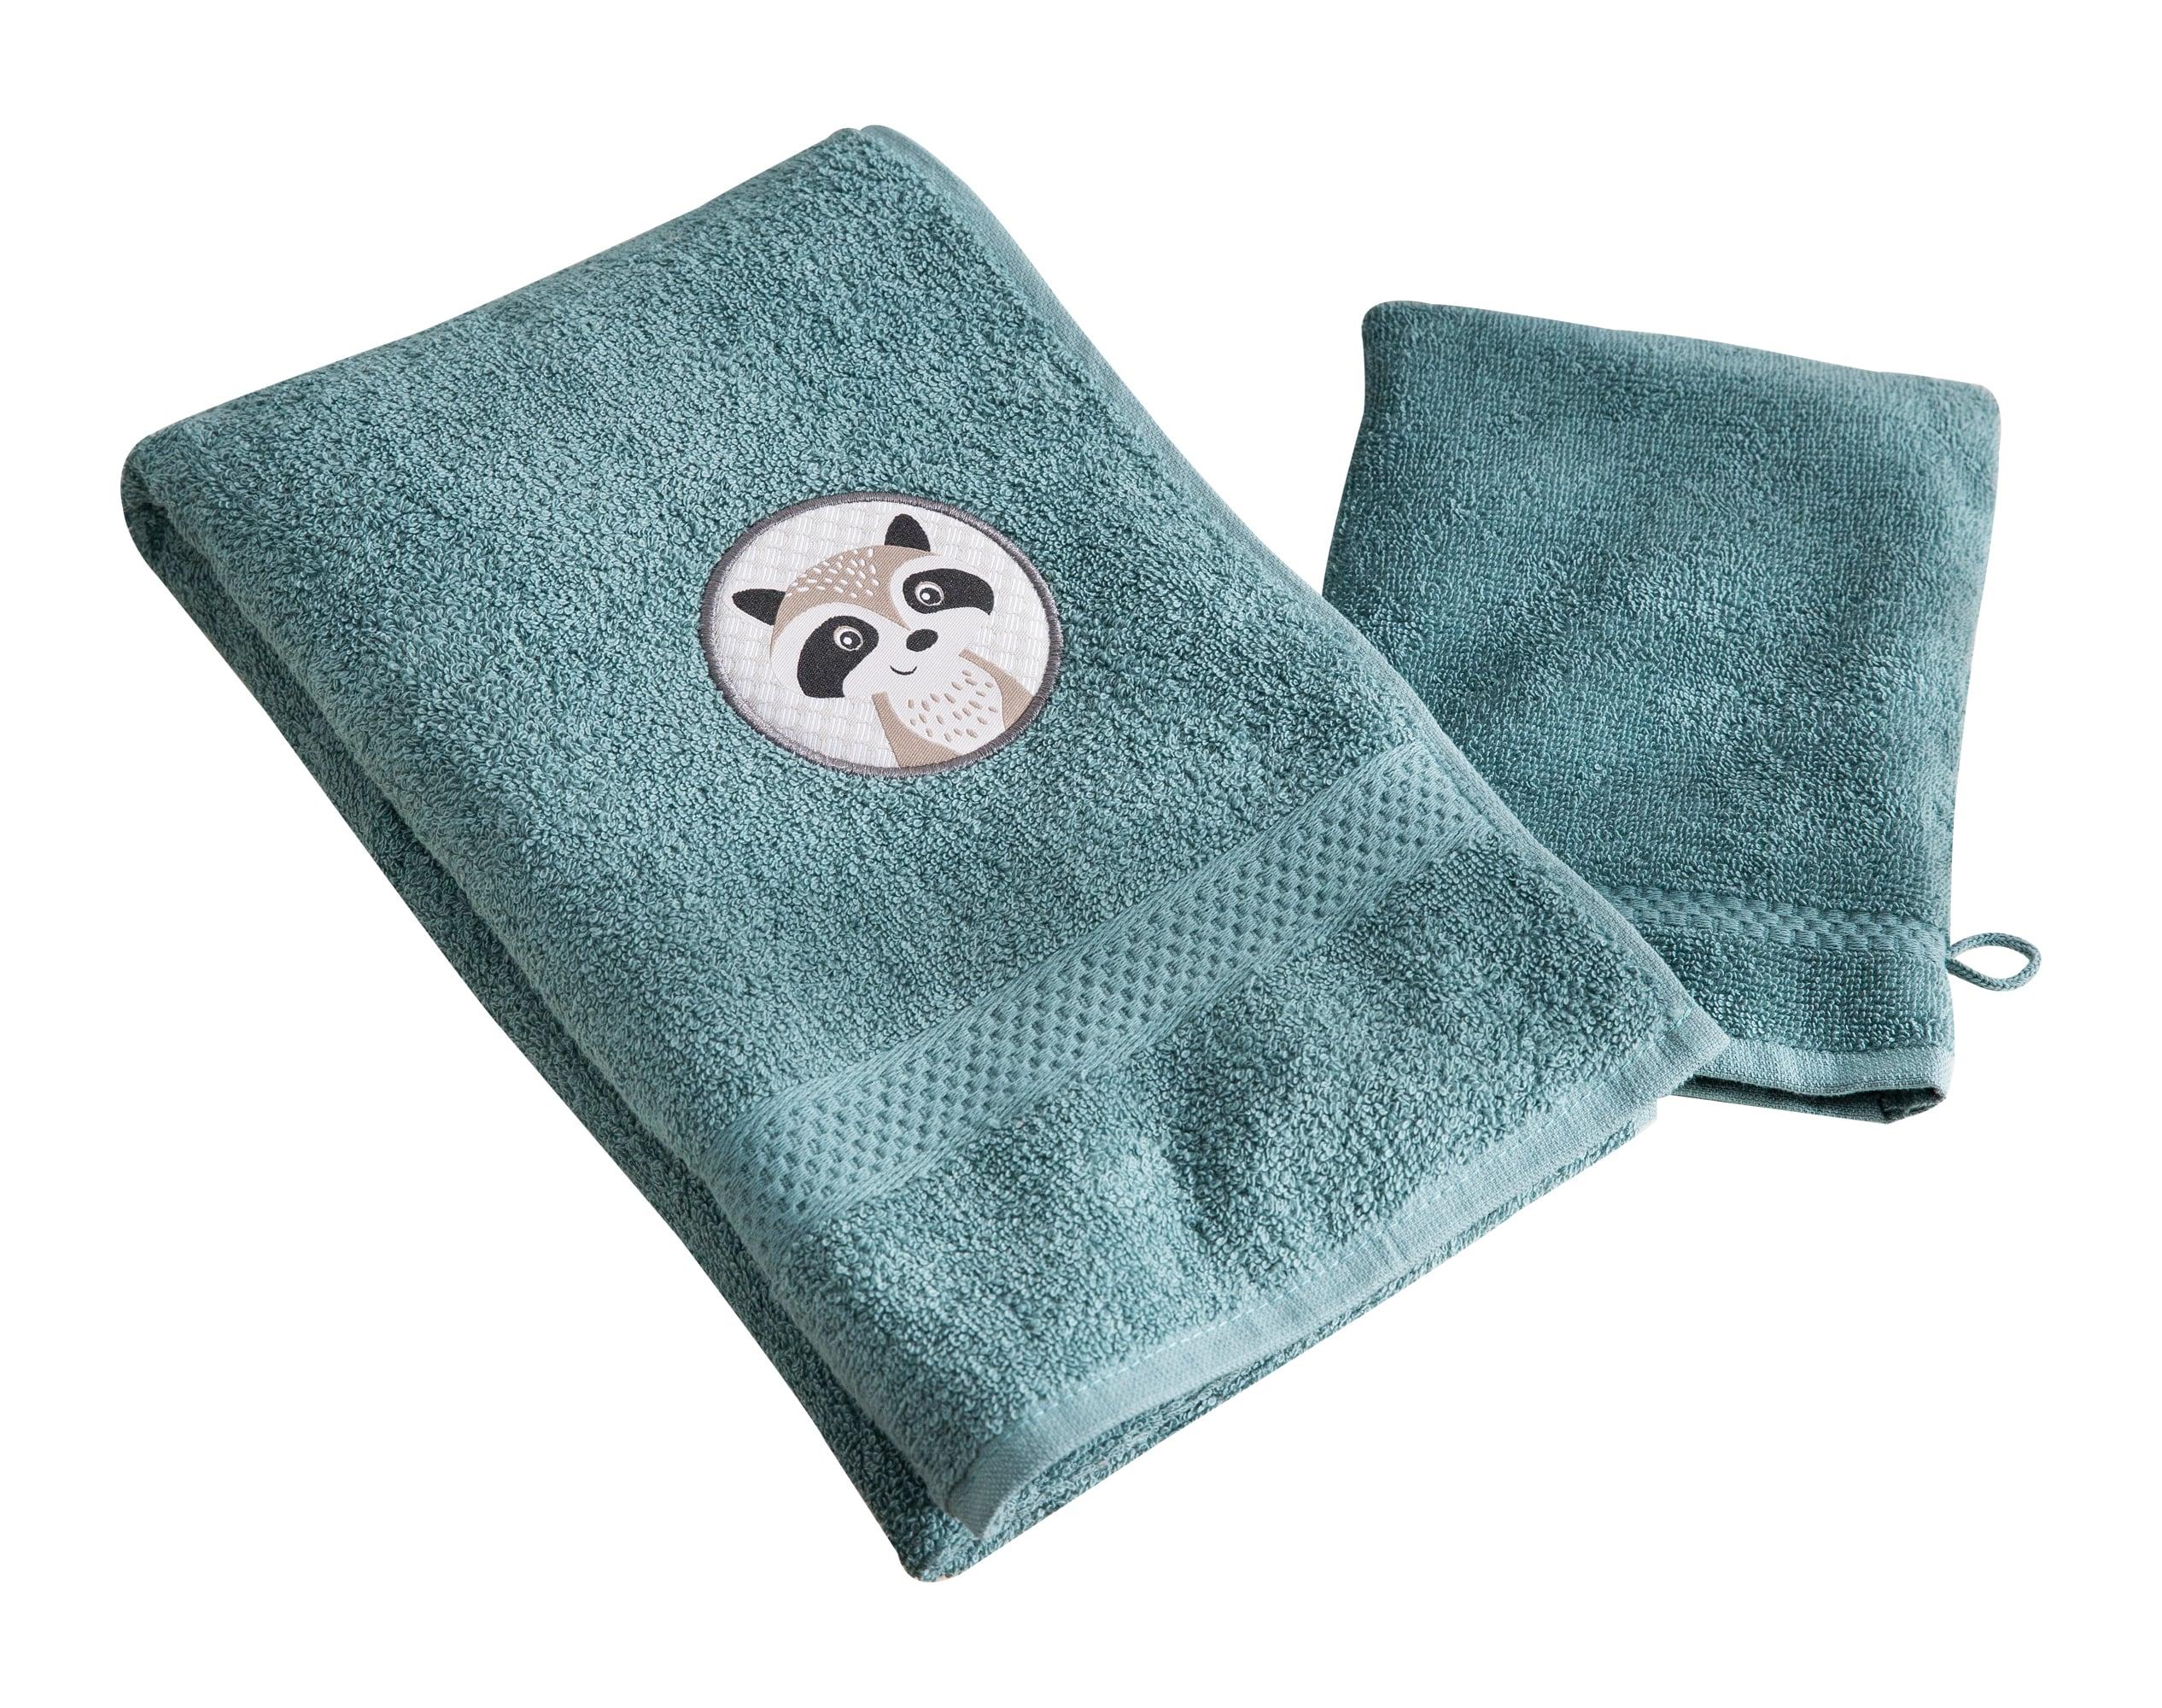 Lot serviette de bain enfant et gant de toilette bleu 50x90 en coton